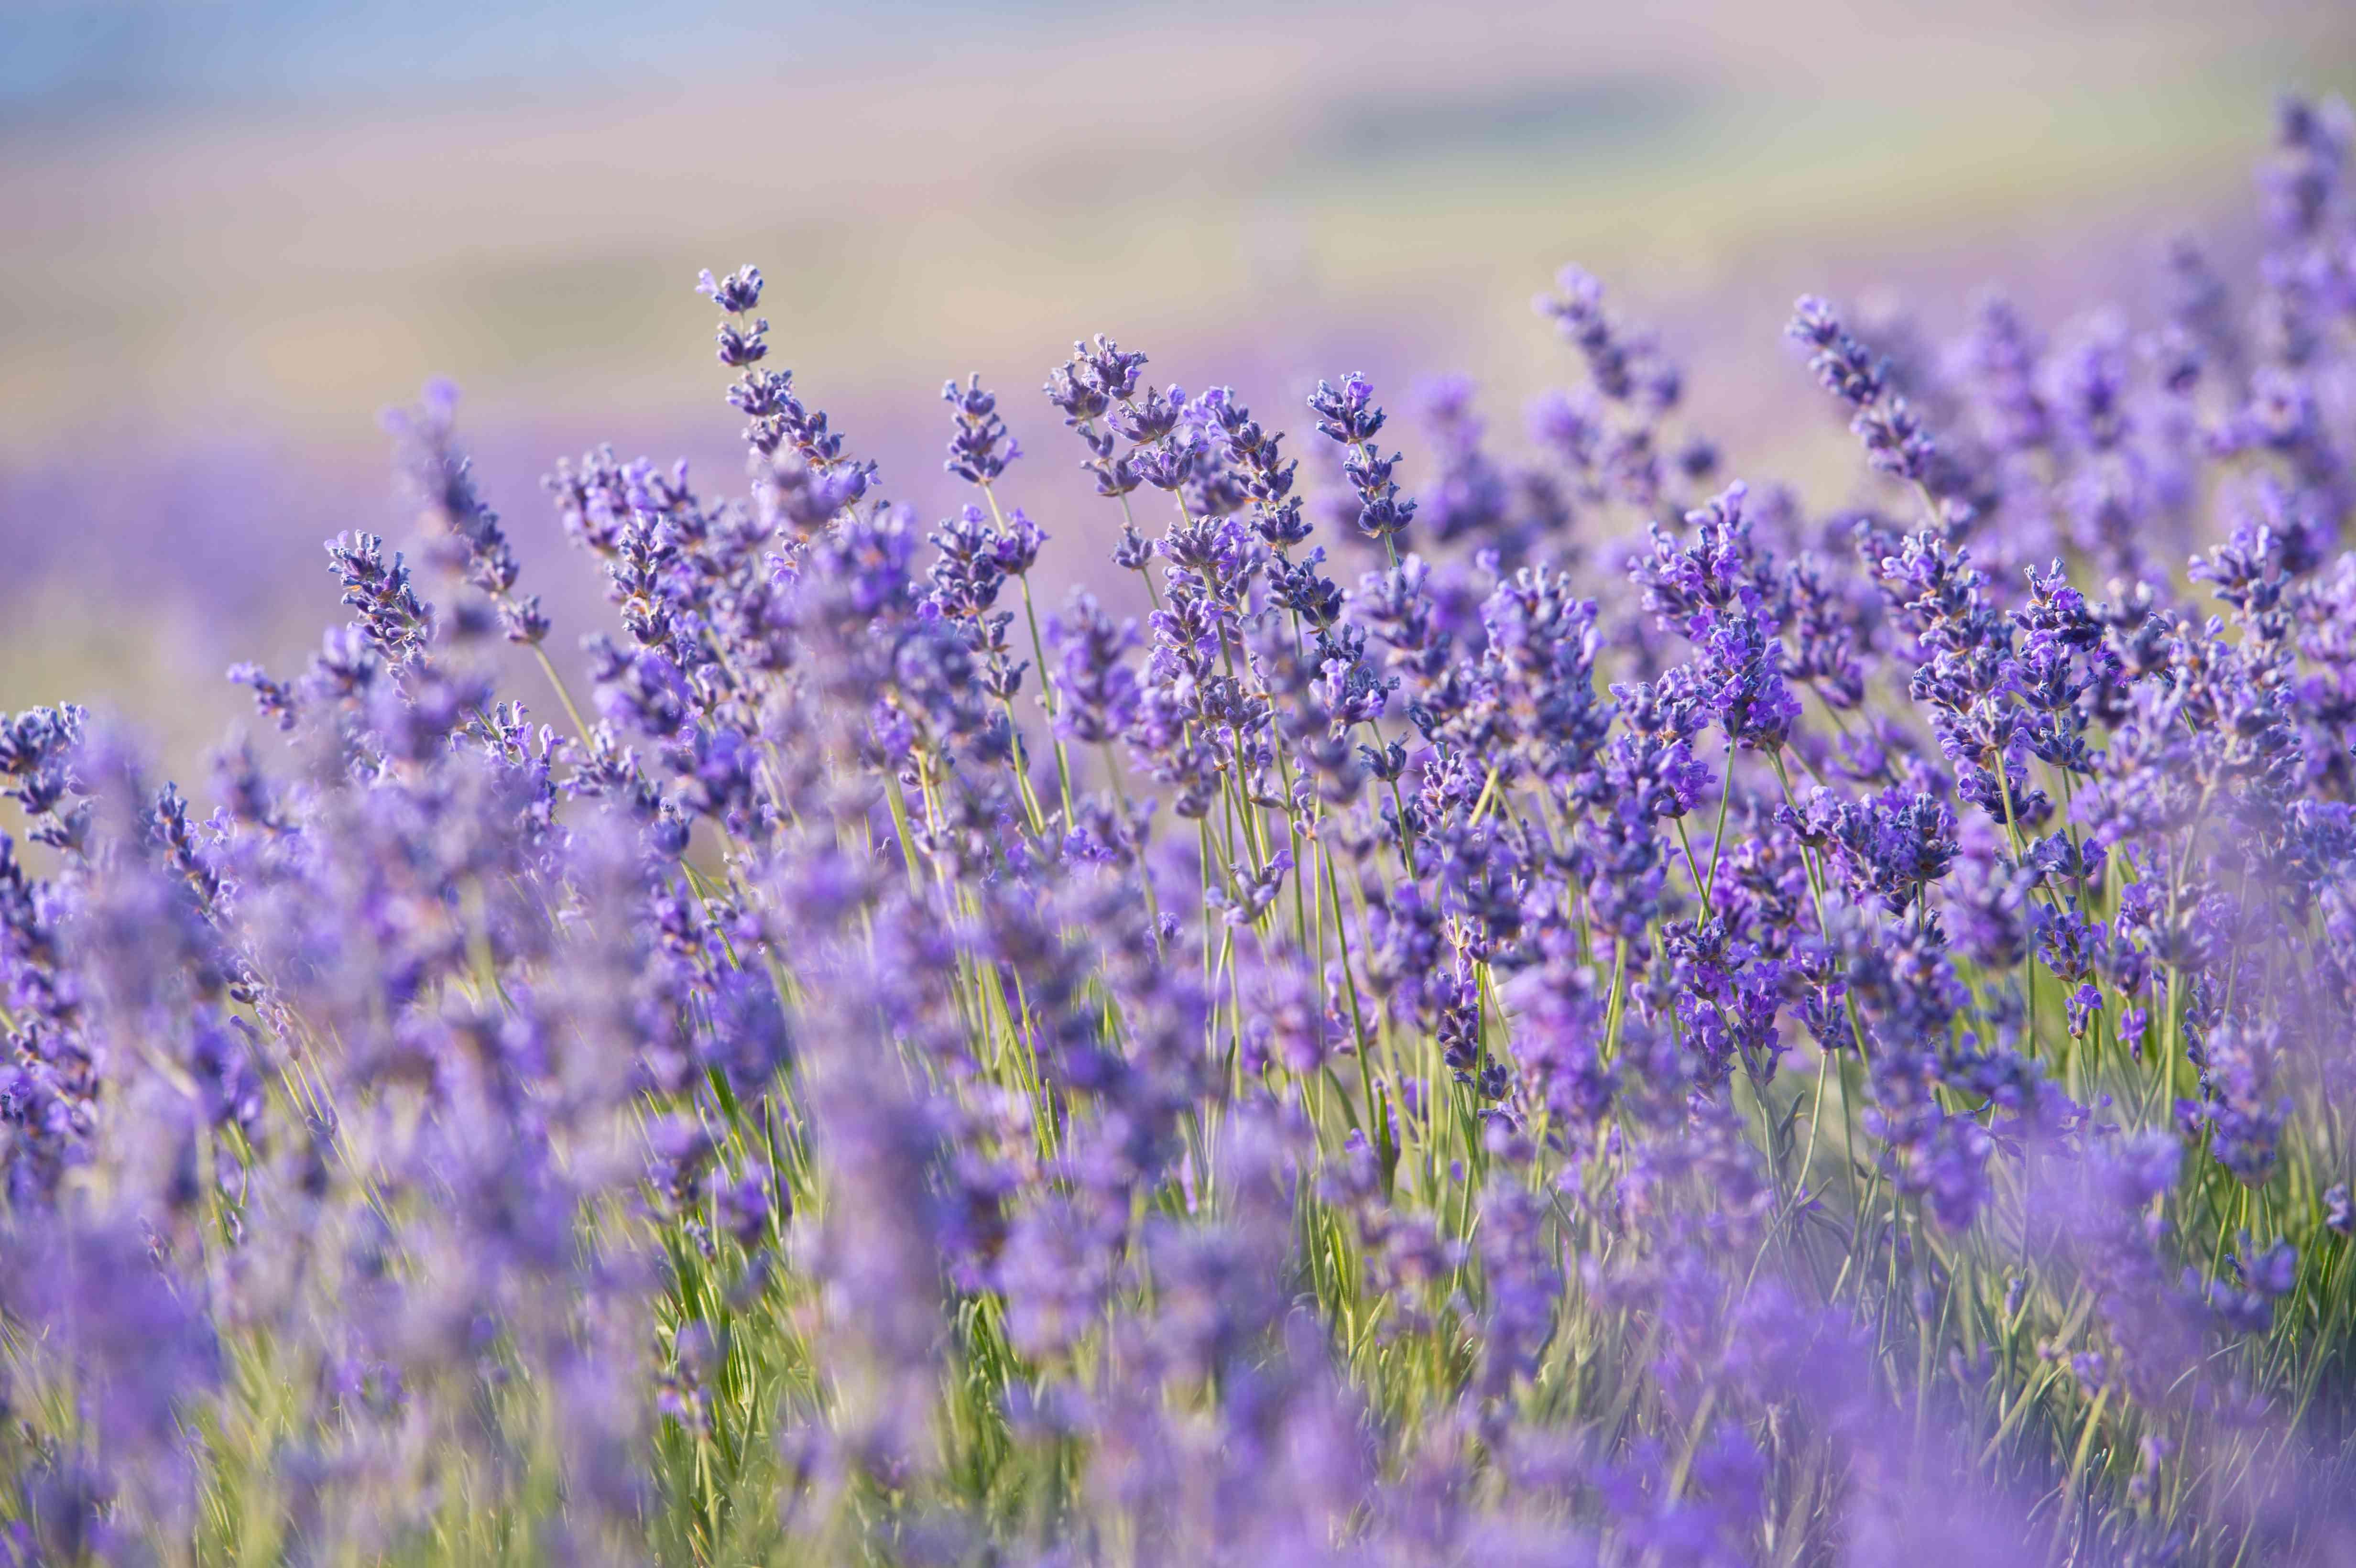 Flores de lavanda - Puesta de sol sobre un campo de lavanda púrpura de verano